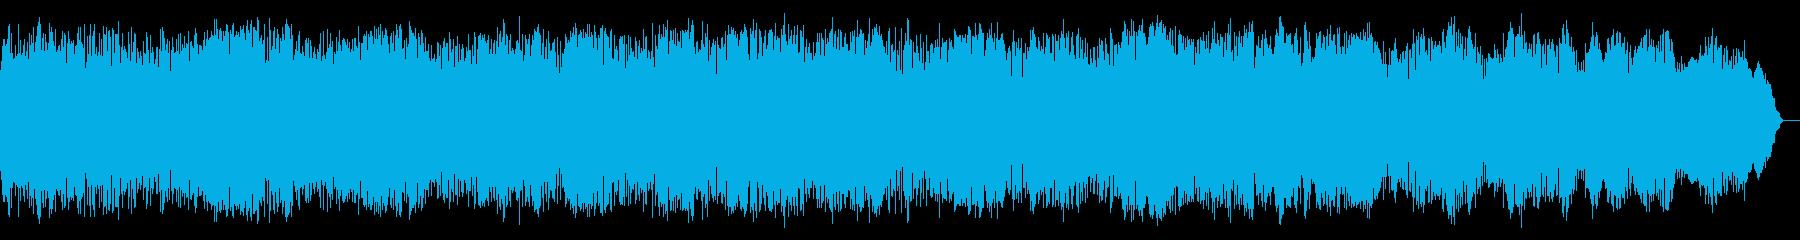 チェロ・アンビエントの再生済みの波形